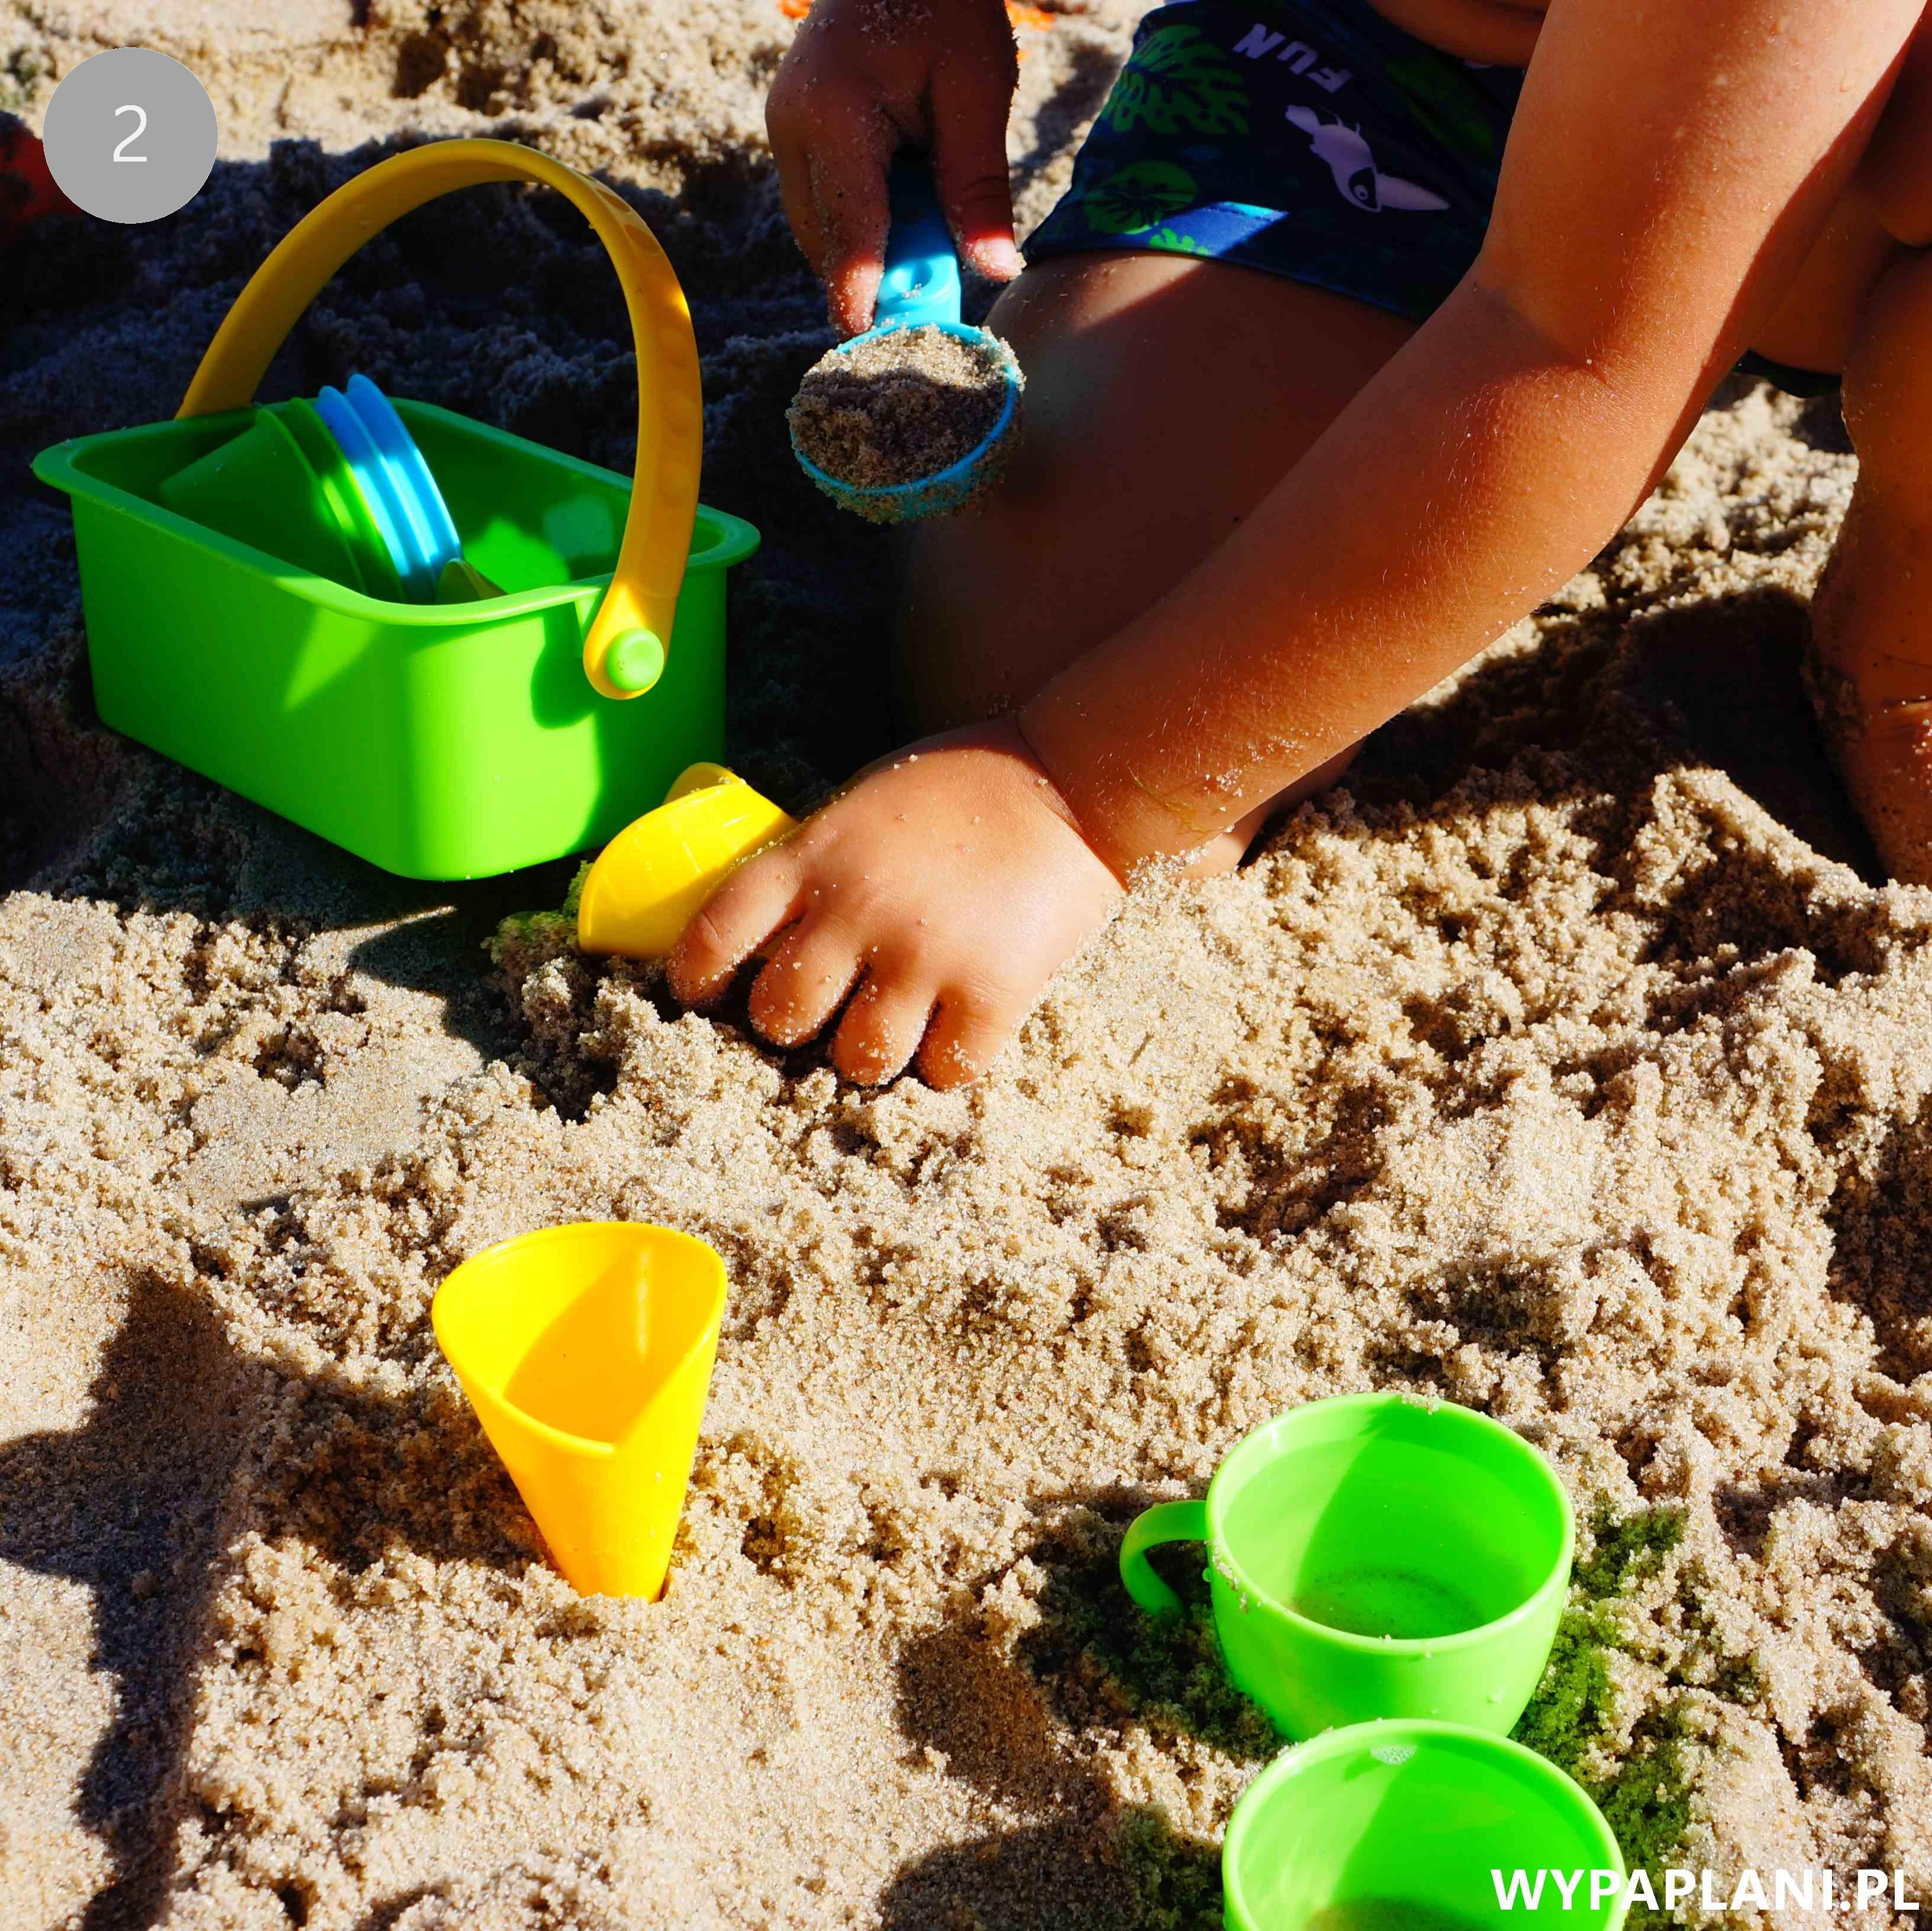 004_top zabawki do piasku piaskownicy na plażę